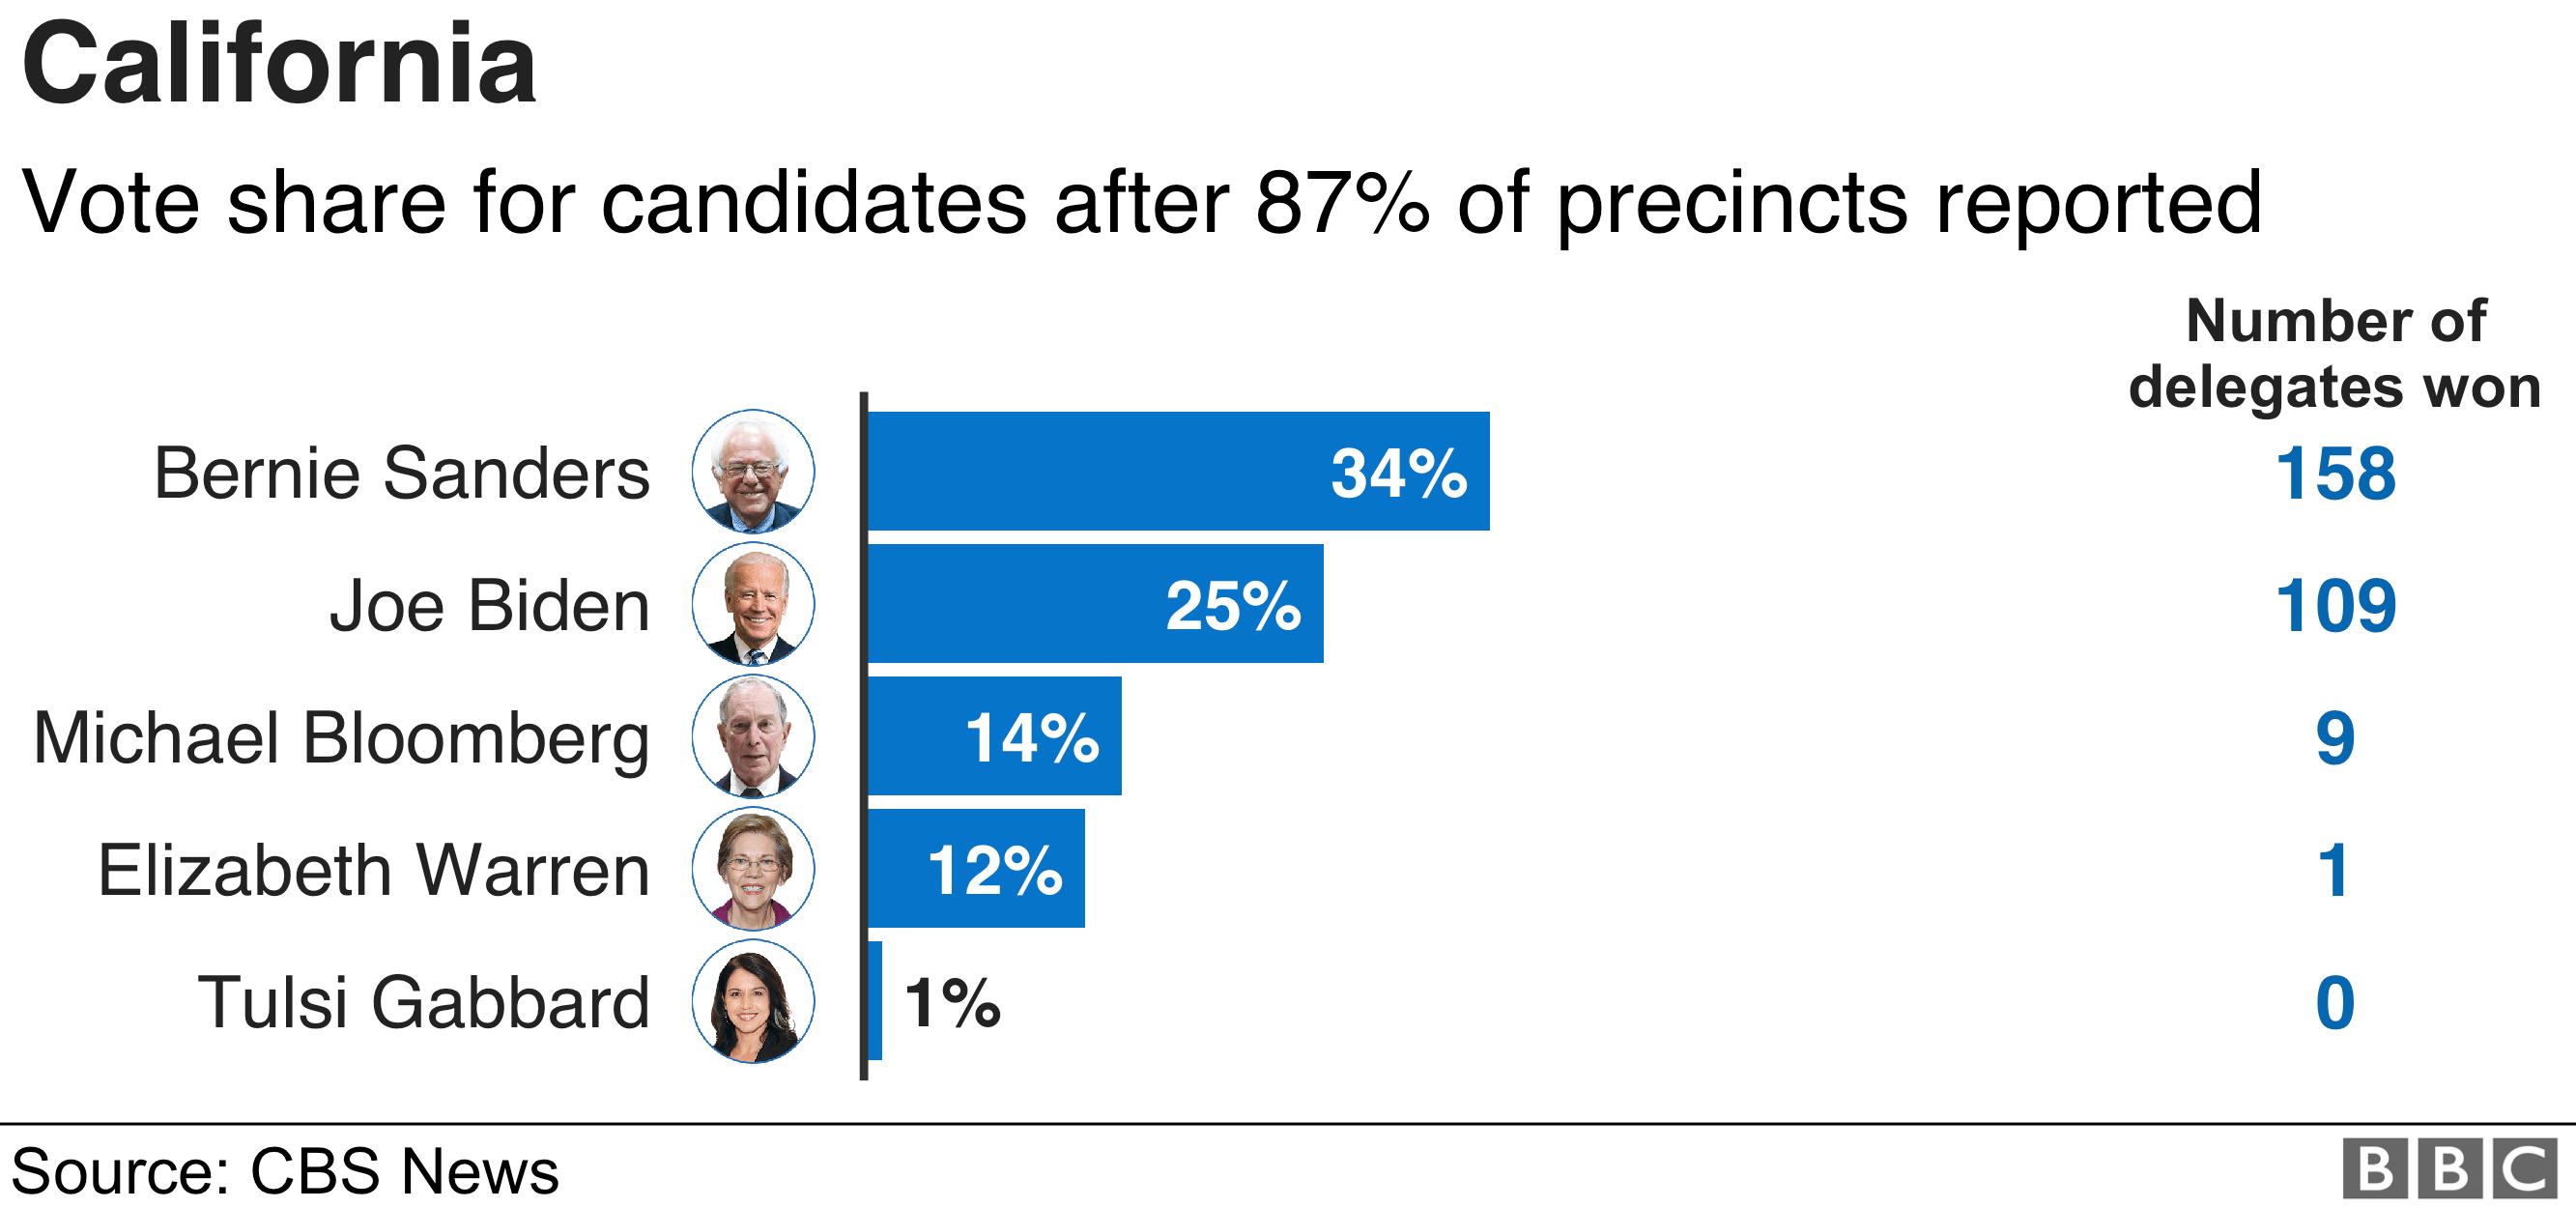 California results